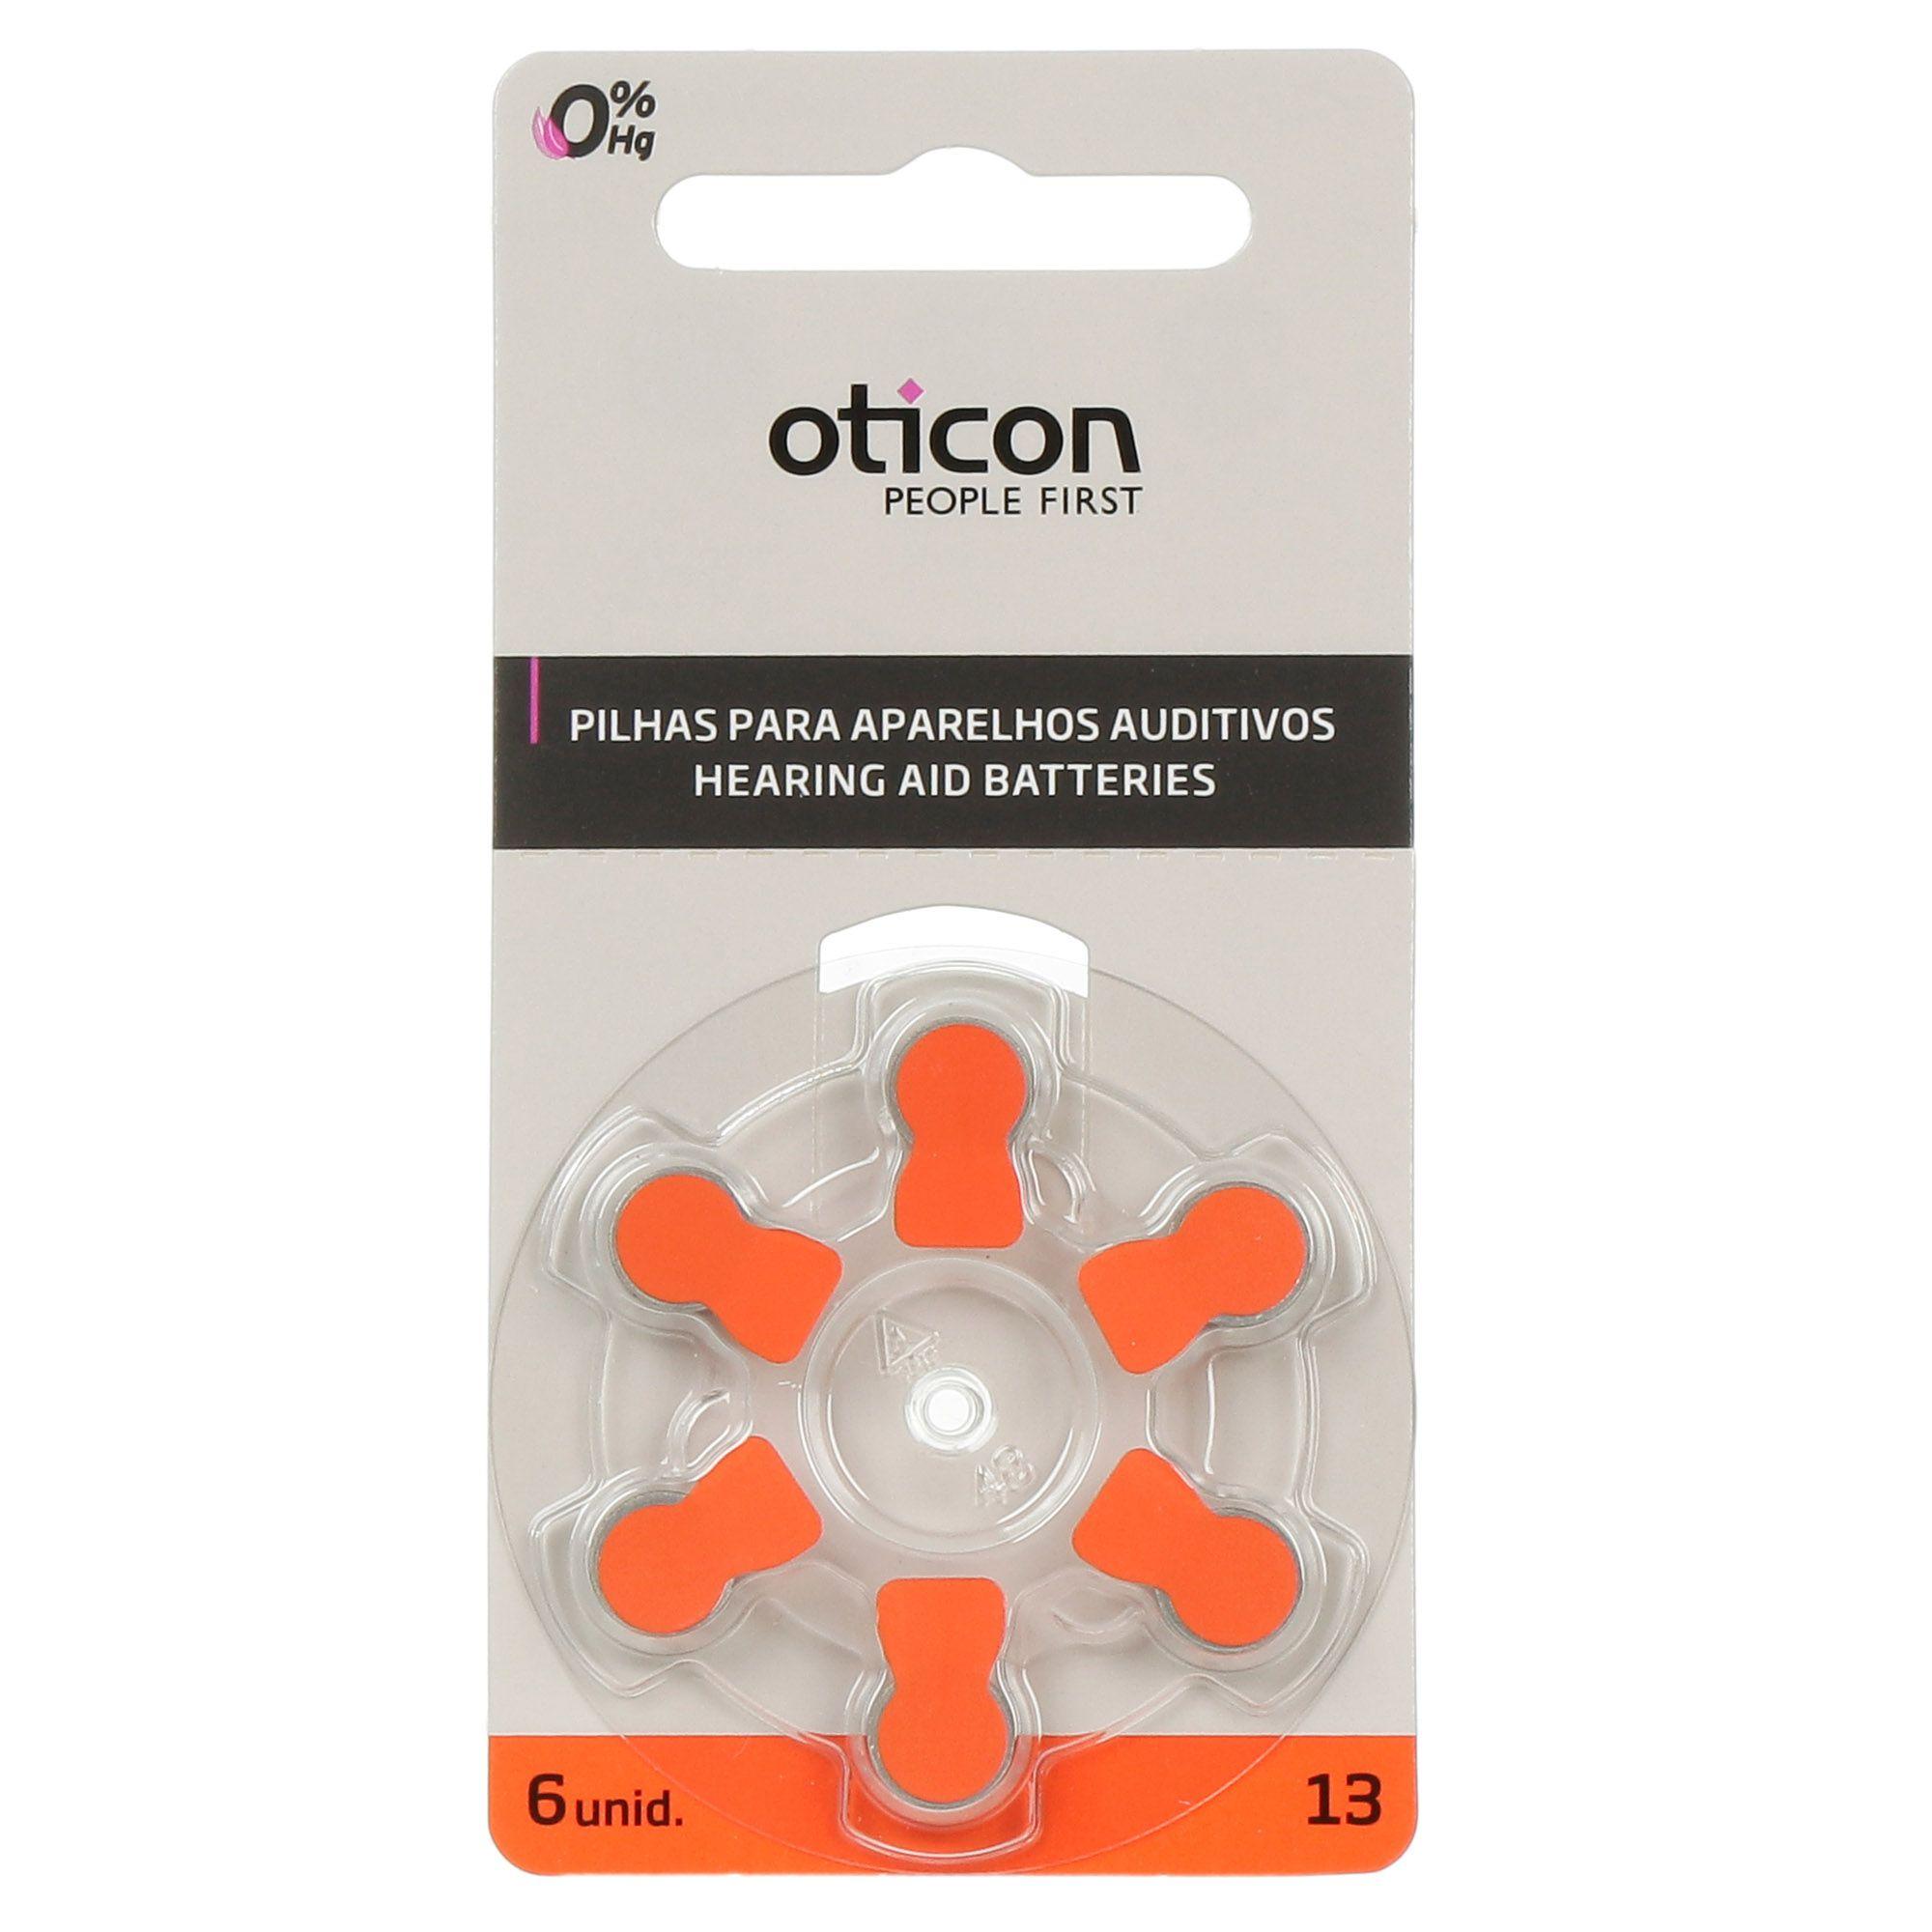 OTICON 13 / PR48 - 1 Cartela - 6 Baterias para Aparelho Auditivo